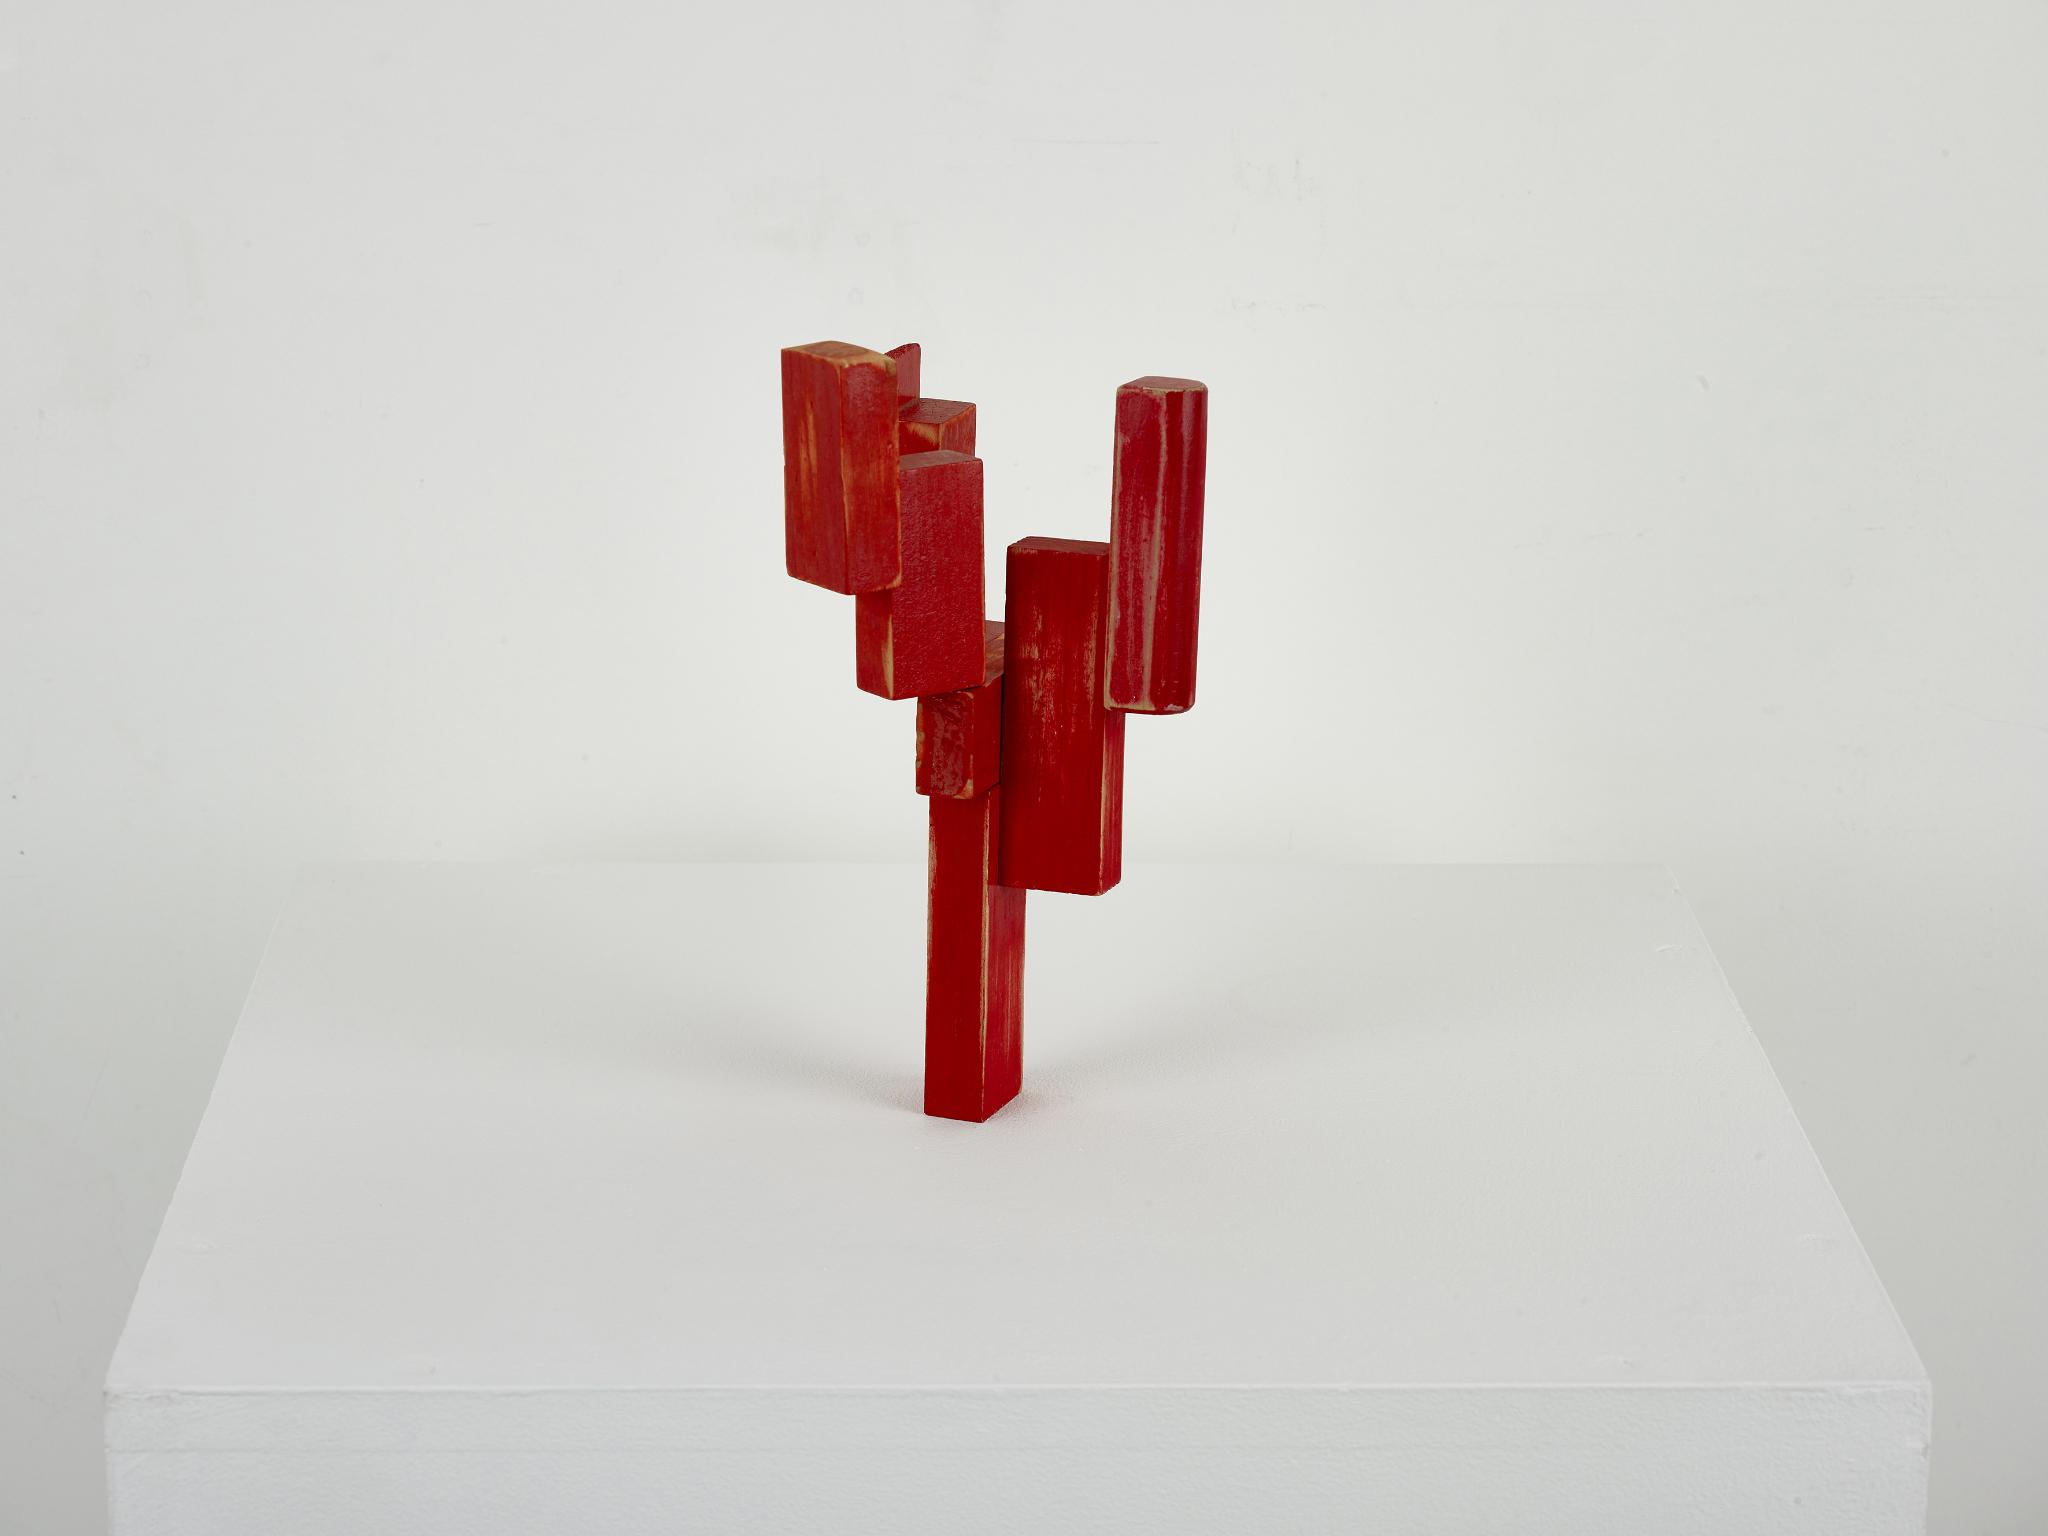 redcactus